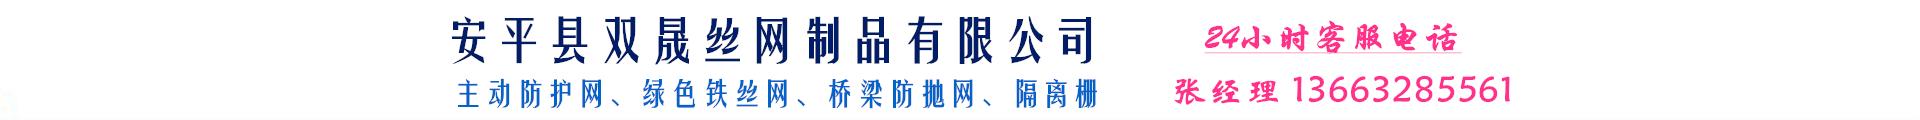 安平縣雙晟絲網製品有限公司